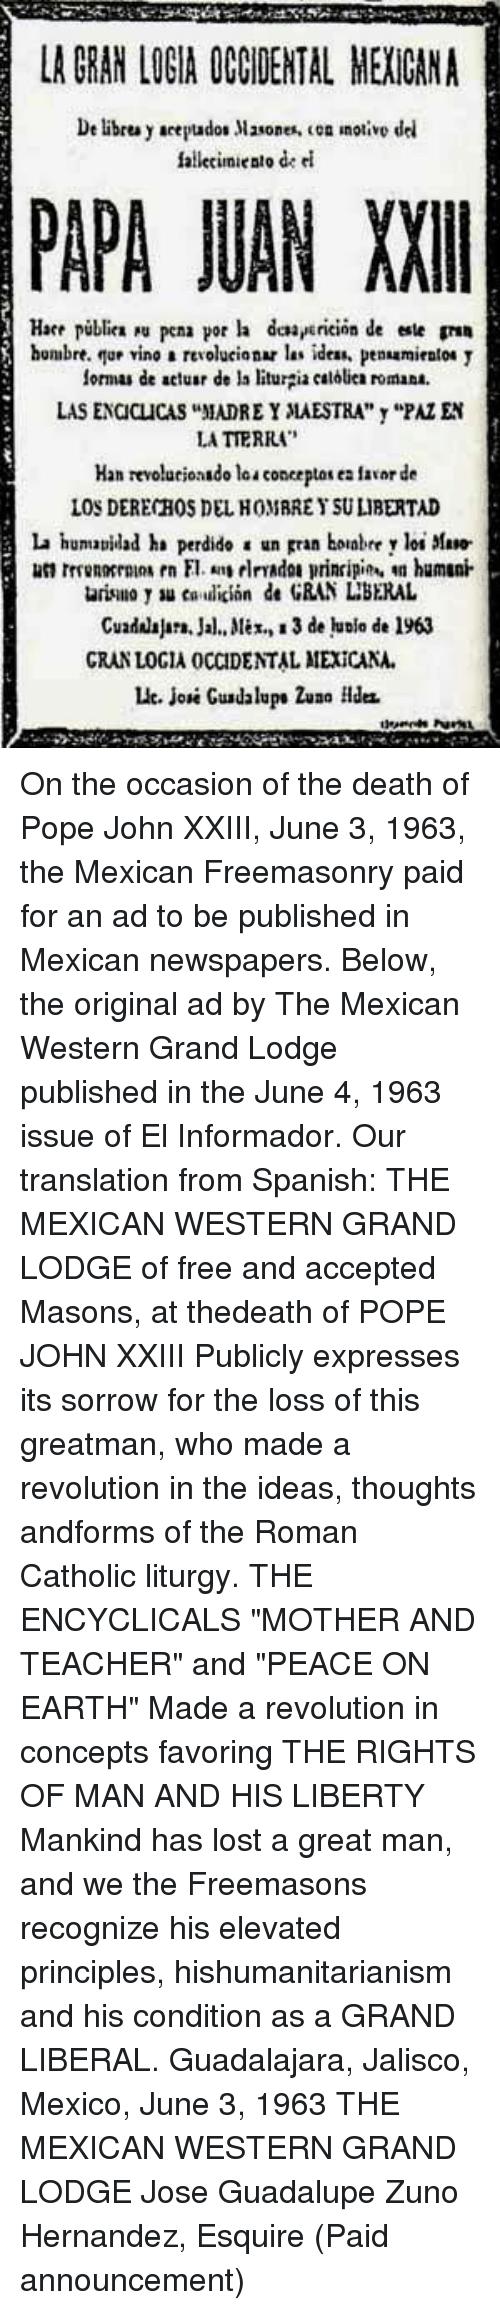 la-gran-logia-occoental-mexicana-be-libre-y-eepudos-jasones-3419007